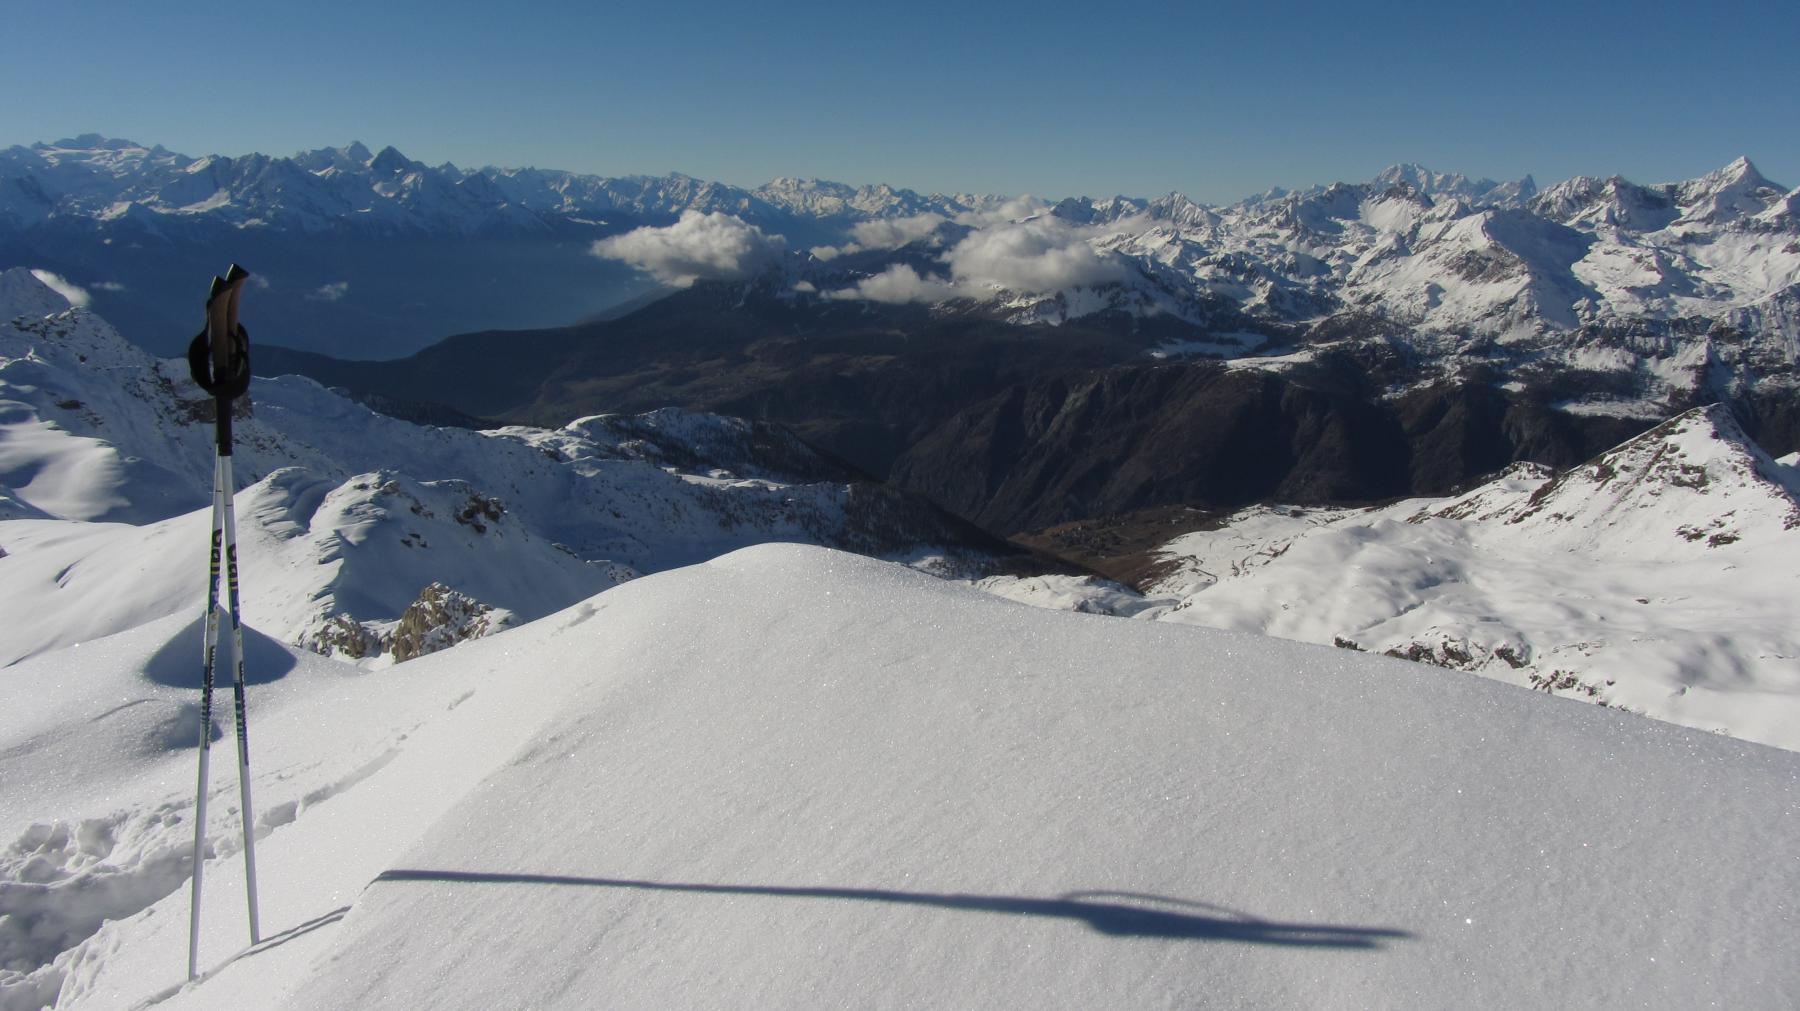 Vasti panorami dalla cima e Chamois giù in fondo ancora senza neve